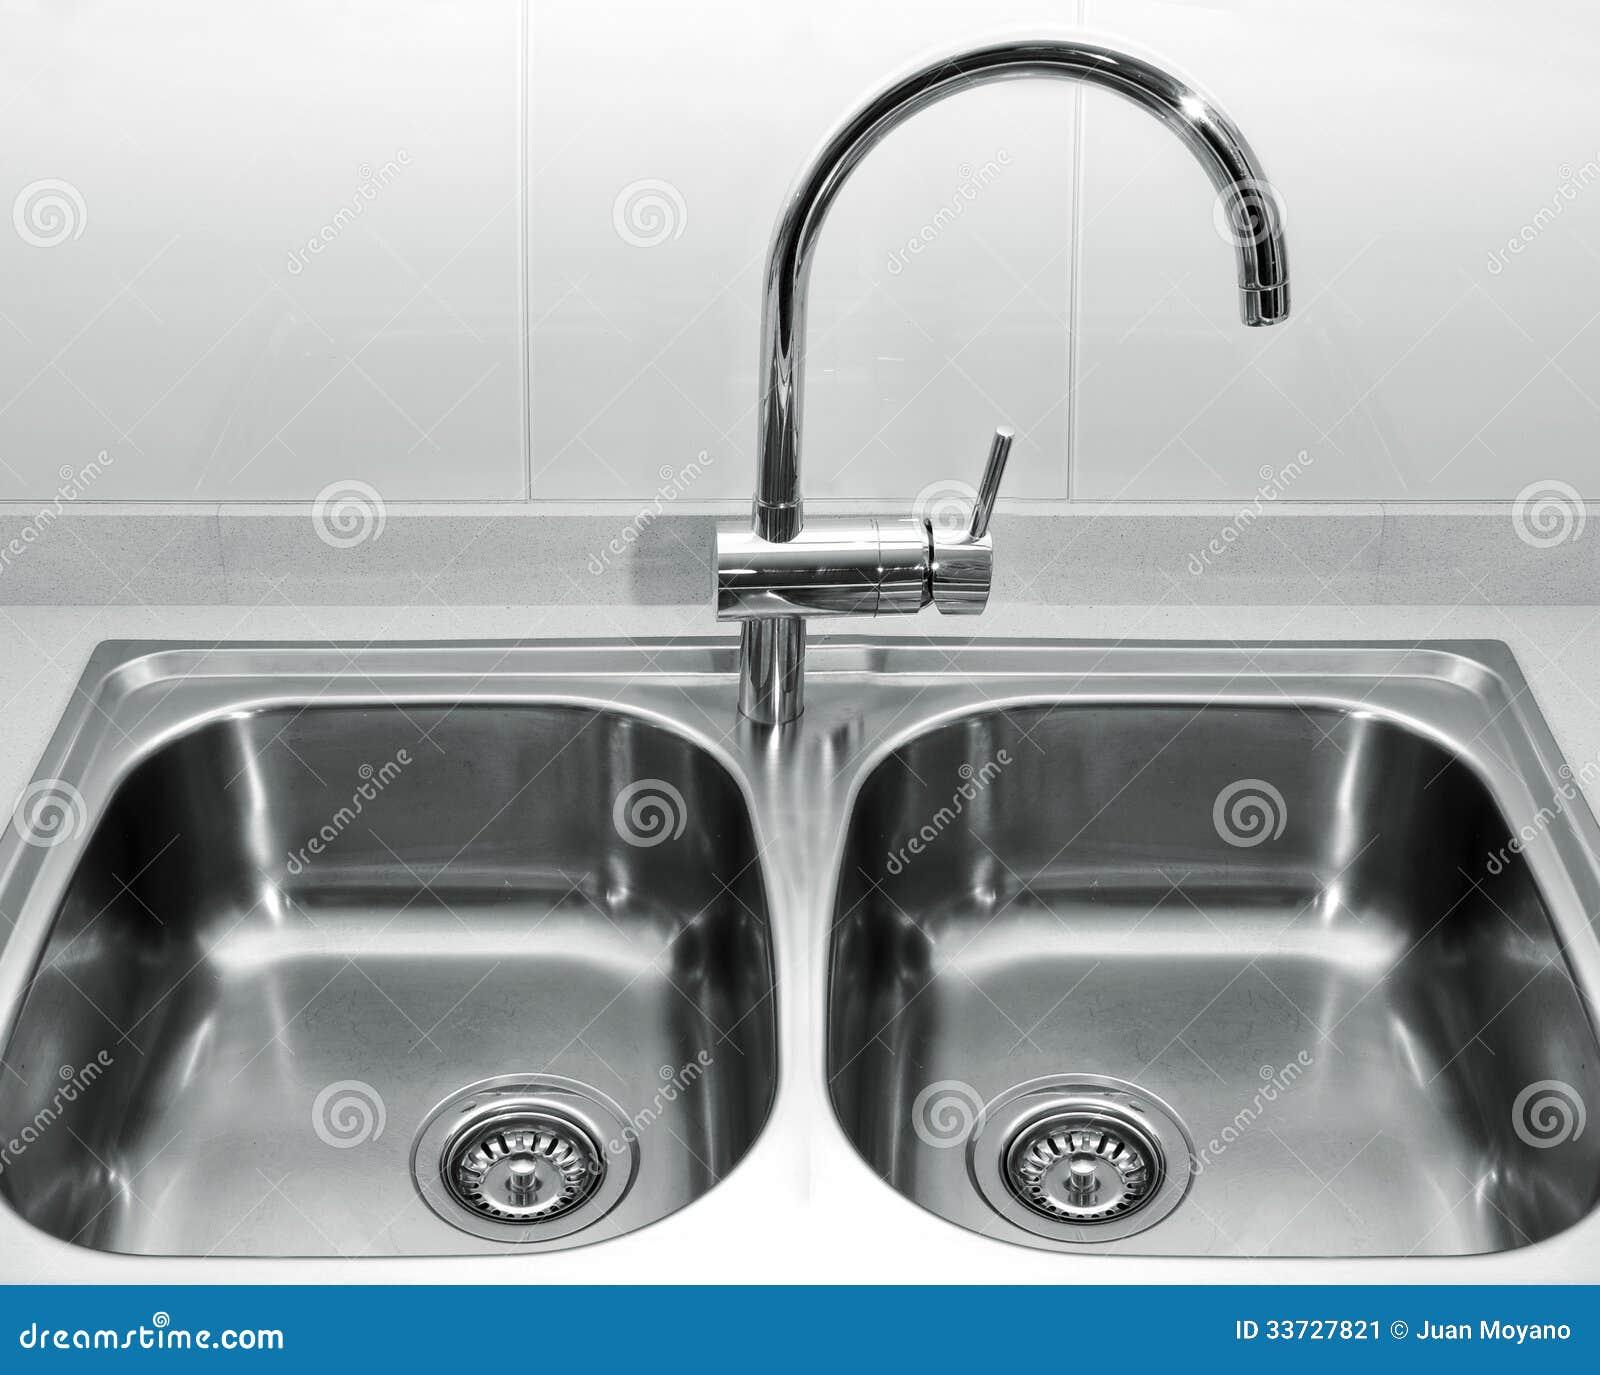 Sink Plughole Cartoon Vector Cartoondealer Com 90651931